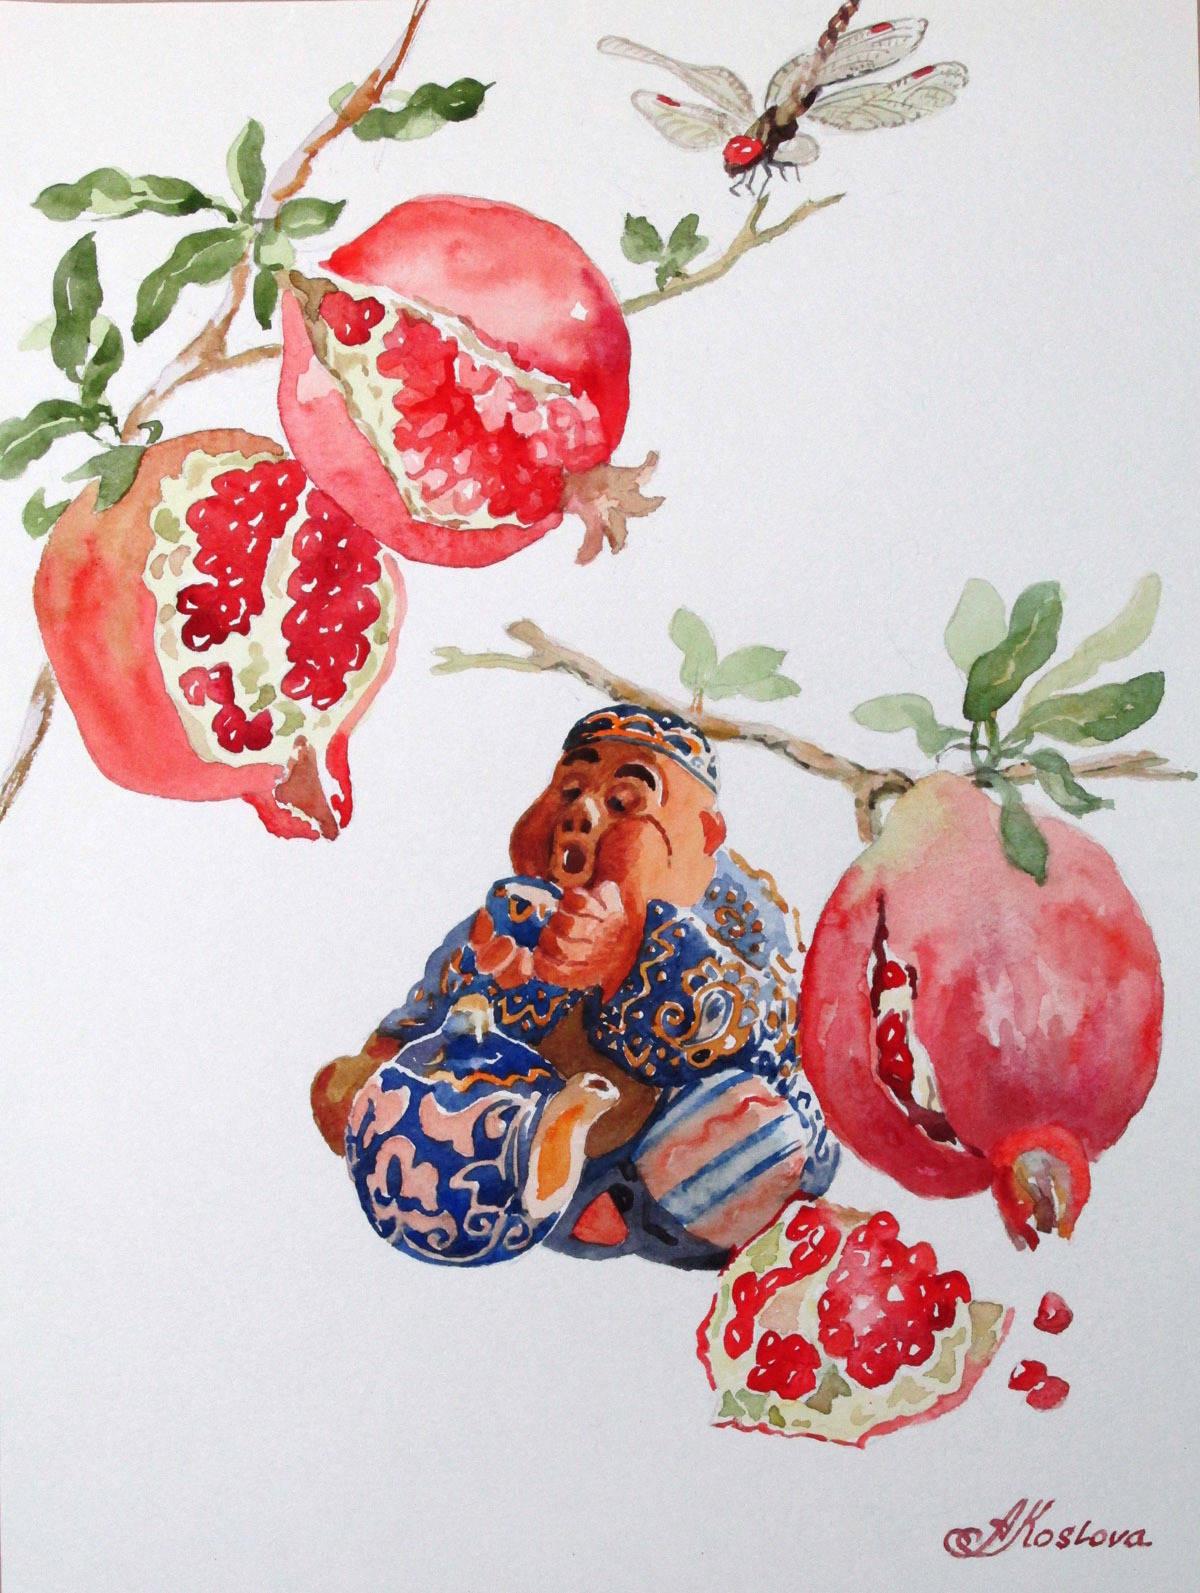 Бабайчик под гранатом. Сидит он в жаркую летнюю пору под гранатом, пьет чай и сам как гранат висит на веточке.... (Бабайчик--популярная в Узбекистане  глиняная игрушка--сувенир)